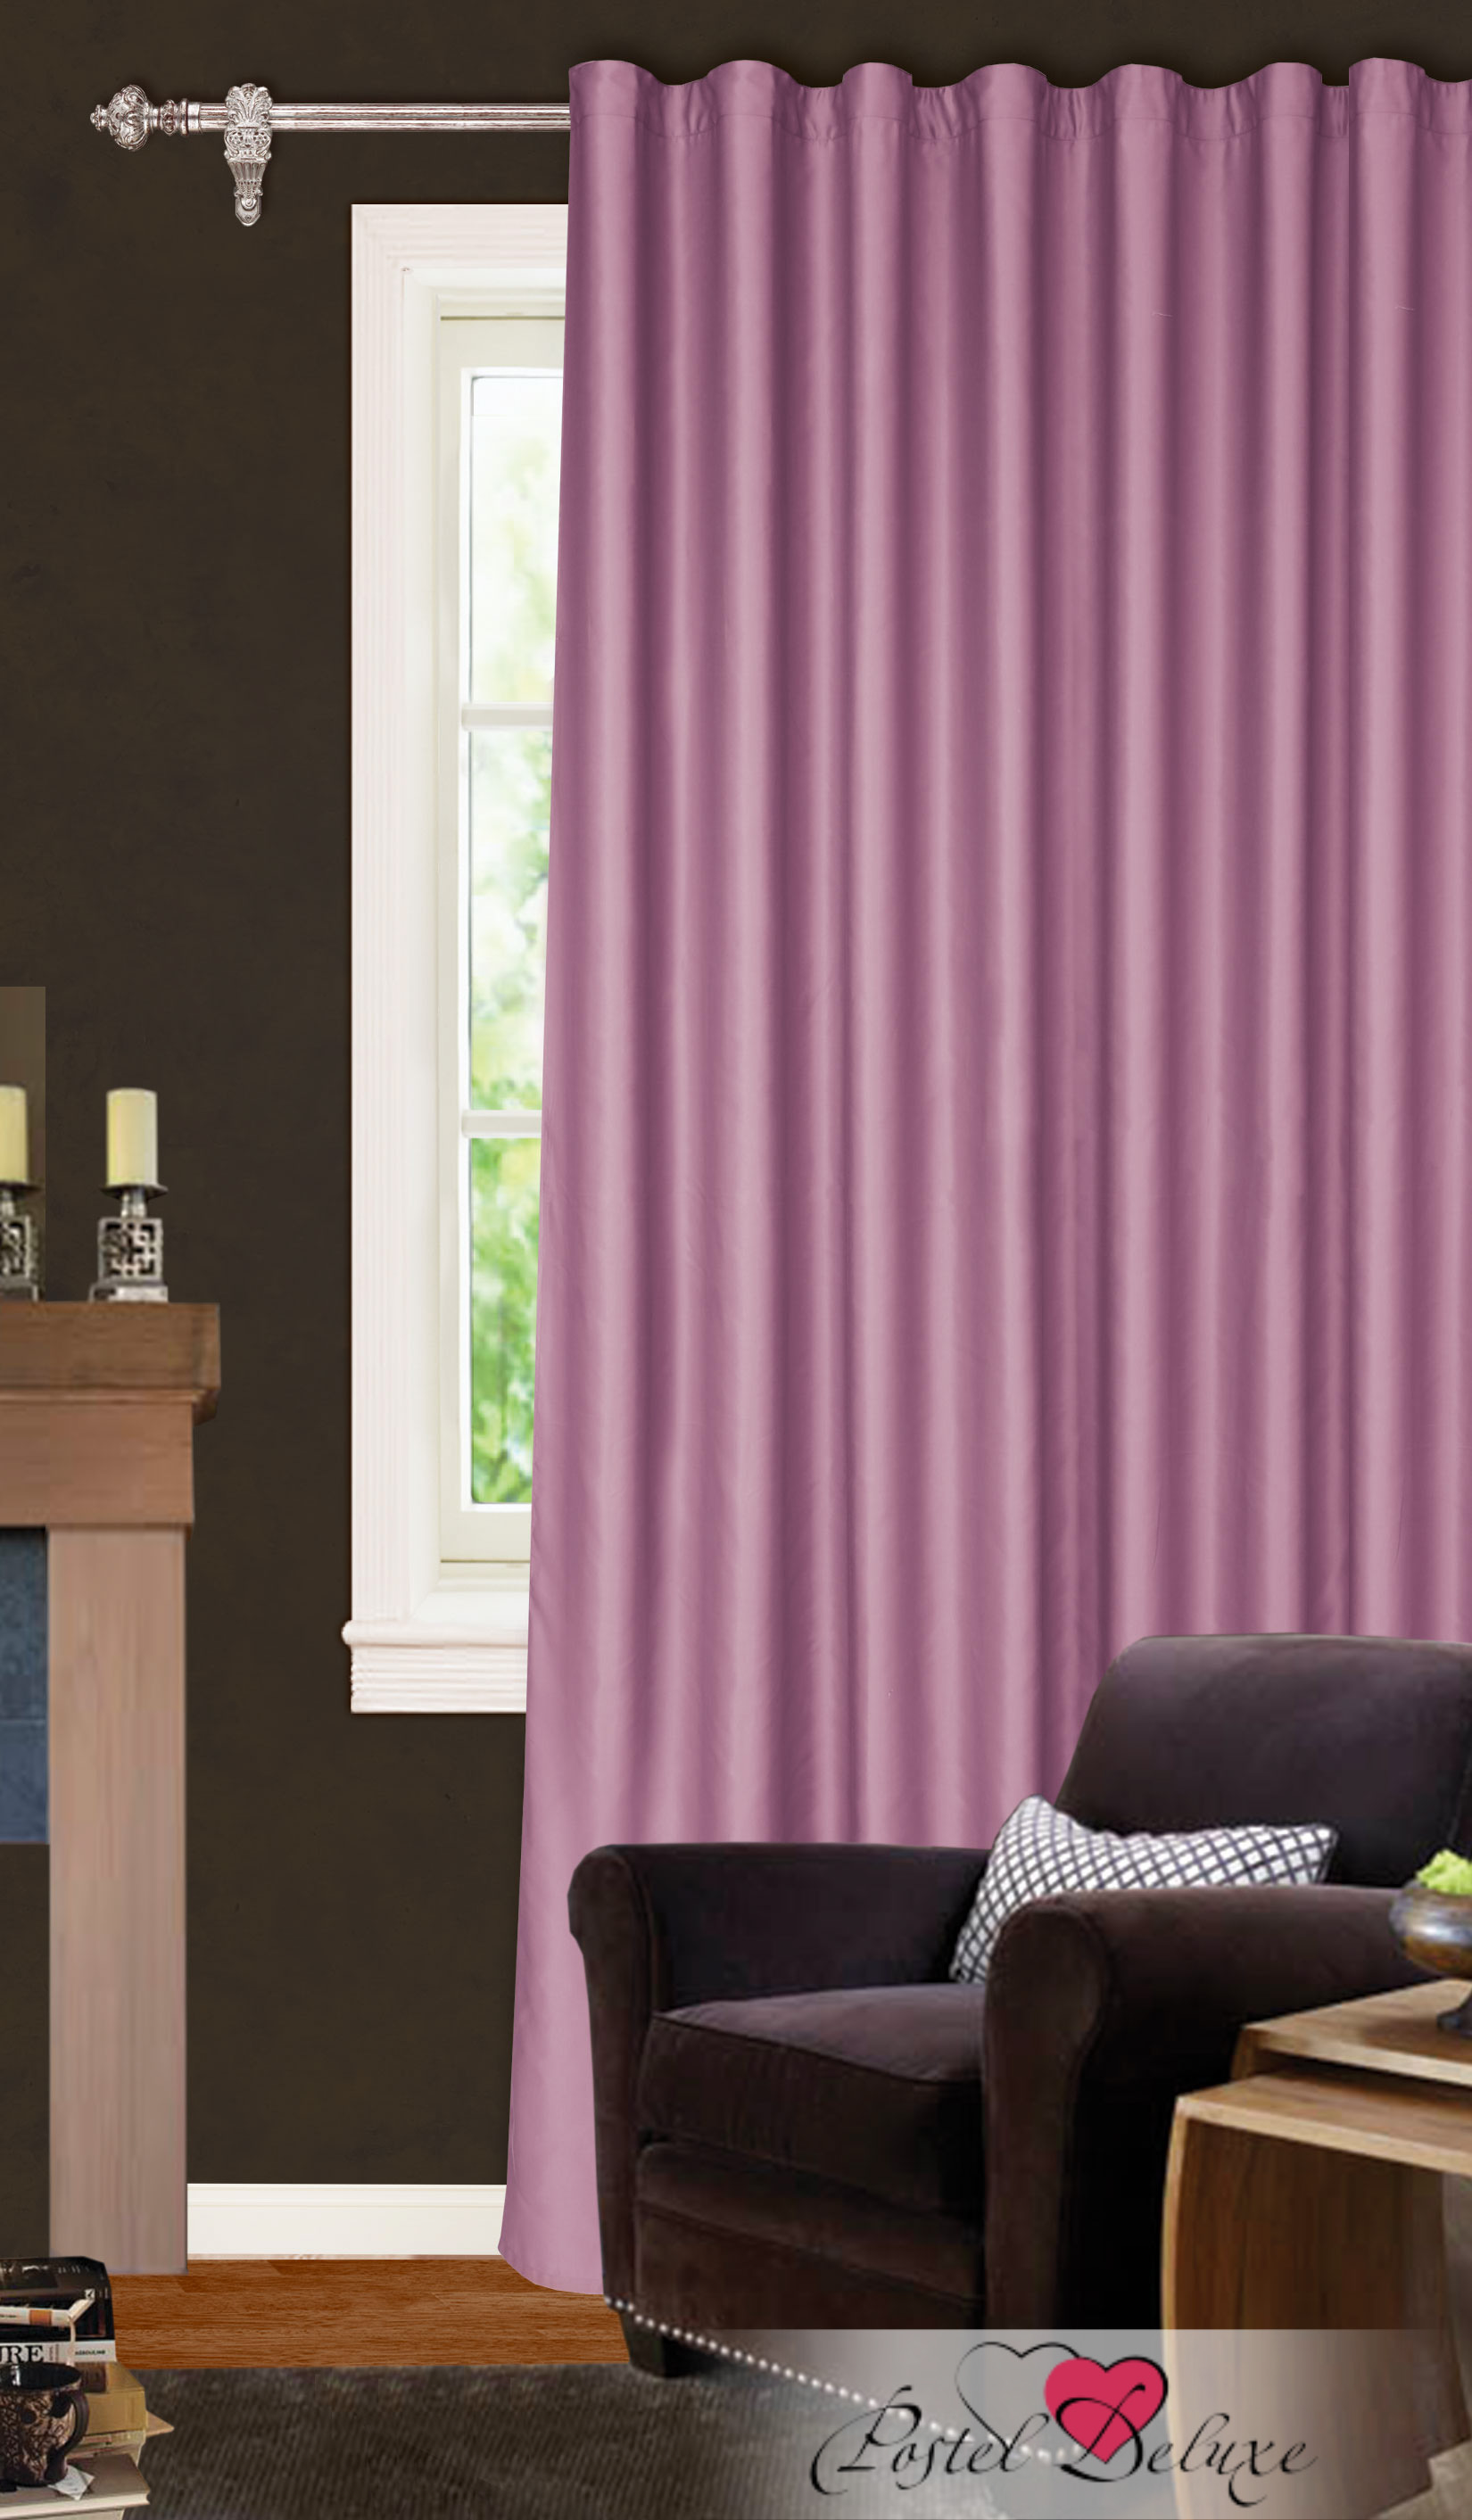 Купить Шторы Garden, Классические шторы Montague Цвет: Сиреневый, Турция, Сатен